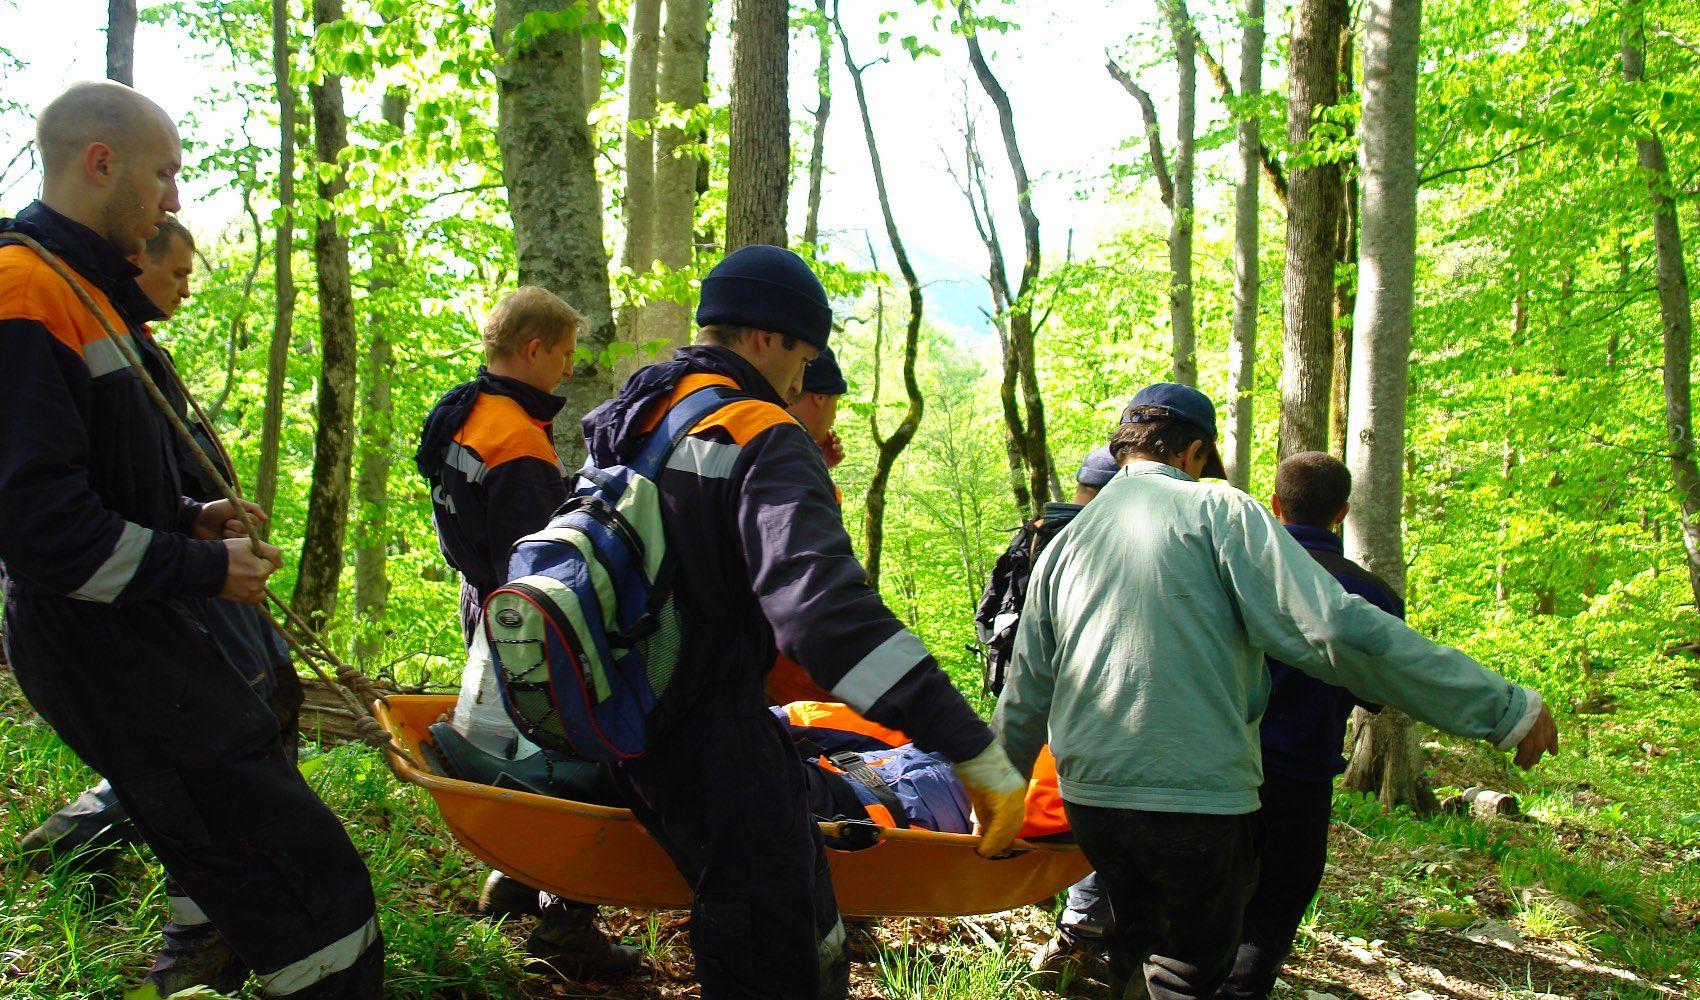 Московские спасатели проводят поиски заблудившихся в лесу людей